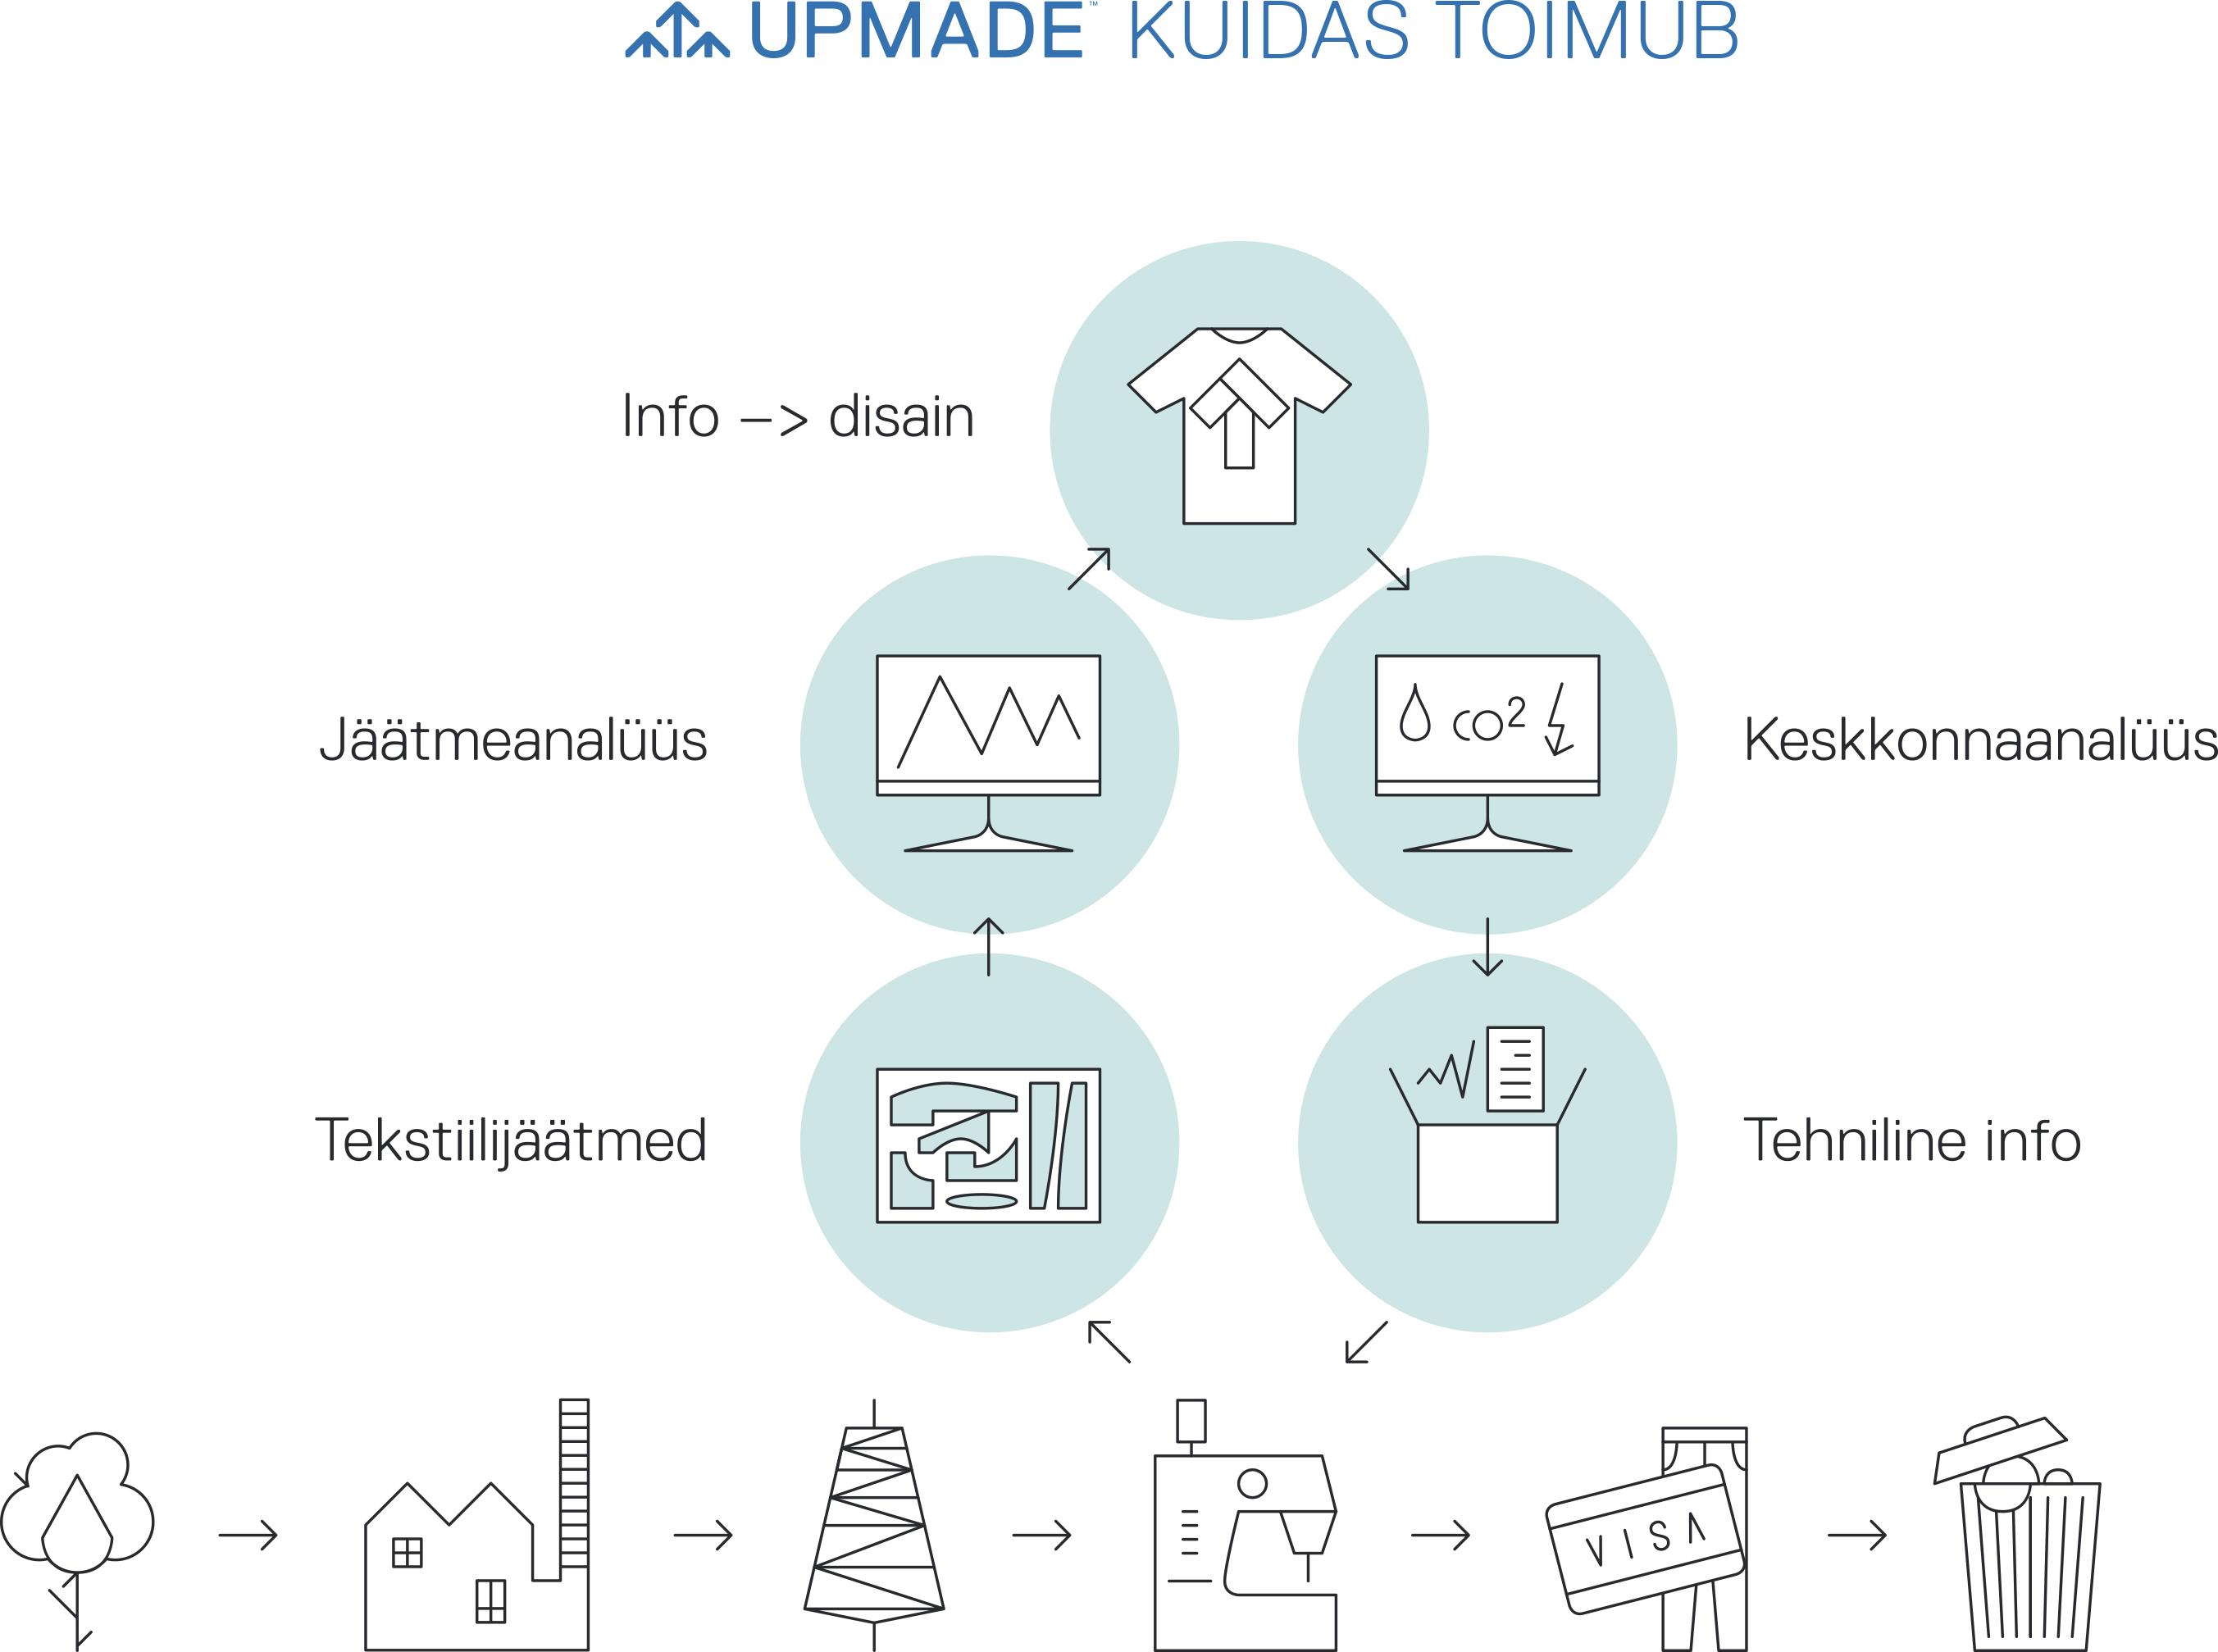 Reet Aus kasutab oma disainis Upmade põhimõtet, kasutades ära rõivatööstuse ülejääke.